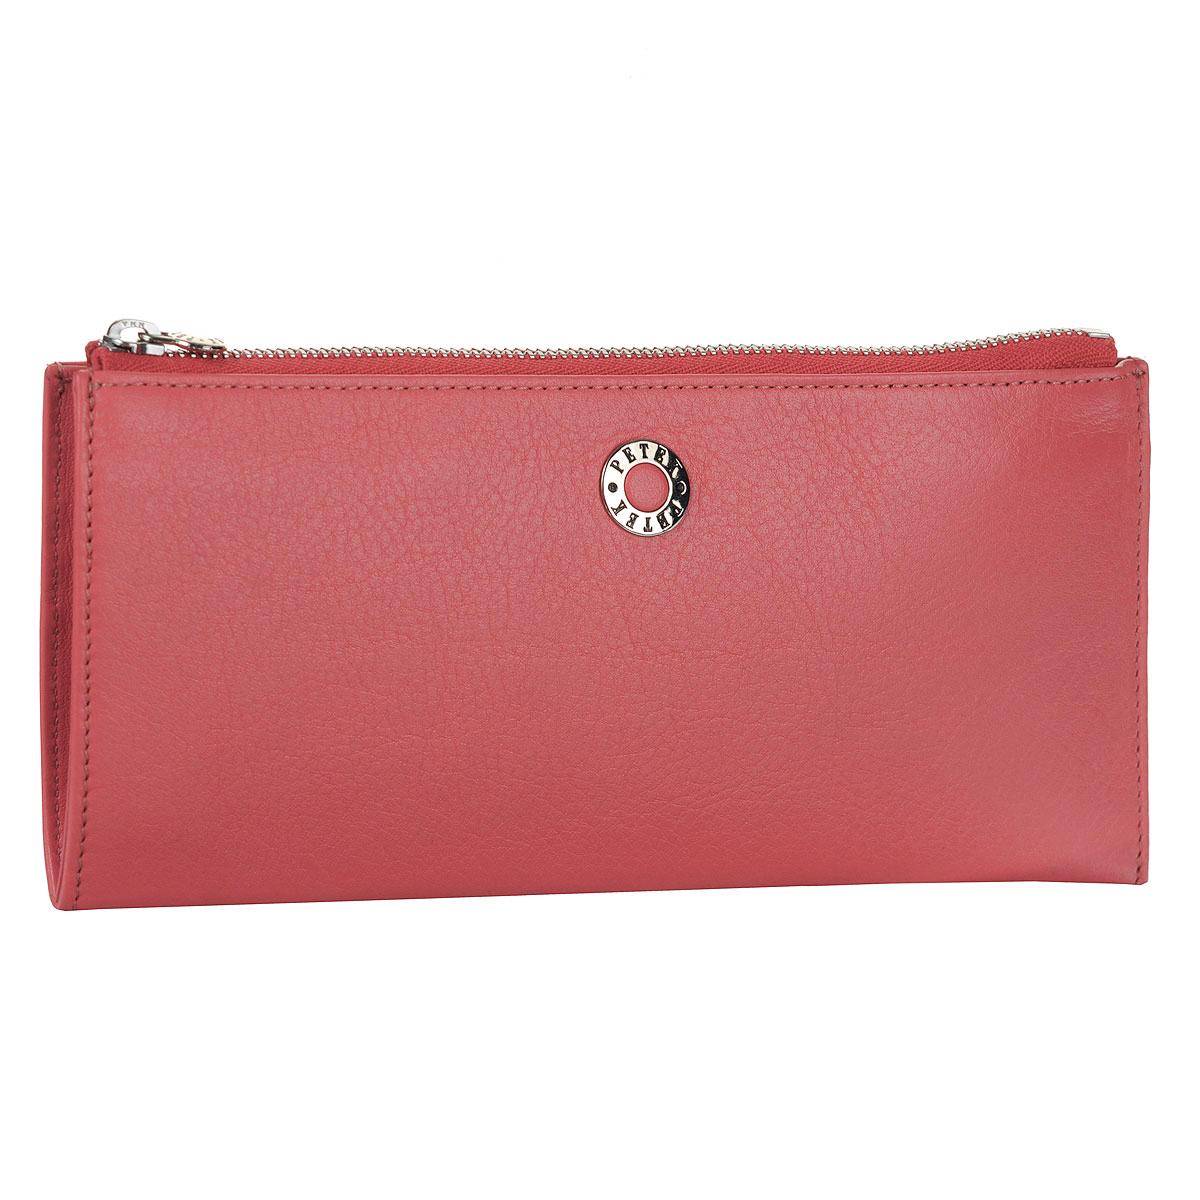 Портмоне Petek, цвет: розовый. 438.167.64438.167.64 PomegranatЖенское портмоне Petek изготовлено из натуральной кожи с гладкой поверхностью. Изделие закрывается на металлическую молнию. Внутри - отделение для купюр, восемь кармашков для пластиковых карт, горизонтальный карман для бумаг. С внешней стороны на задней стенке расположен карман для мелочи на молнии. Внутренняя поверхность отделана атласным текстилем. Фурнитура - серебристого цвета. Стильное портмоне эффектно дополнит ваш образ и станет незаменимым аксессуаром на каждый день. Изделие упаковано в фирменную коробку коричневого цвета с логотипом фирмы Petek.